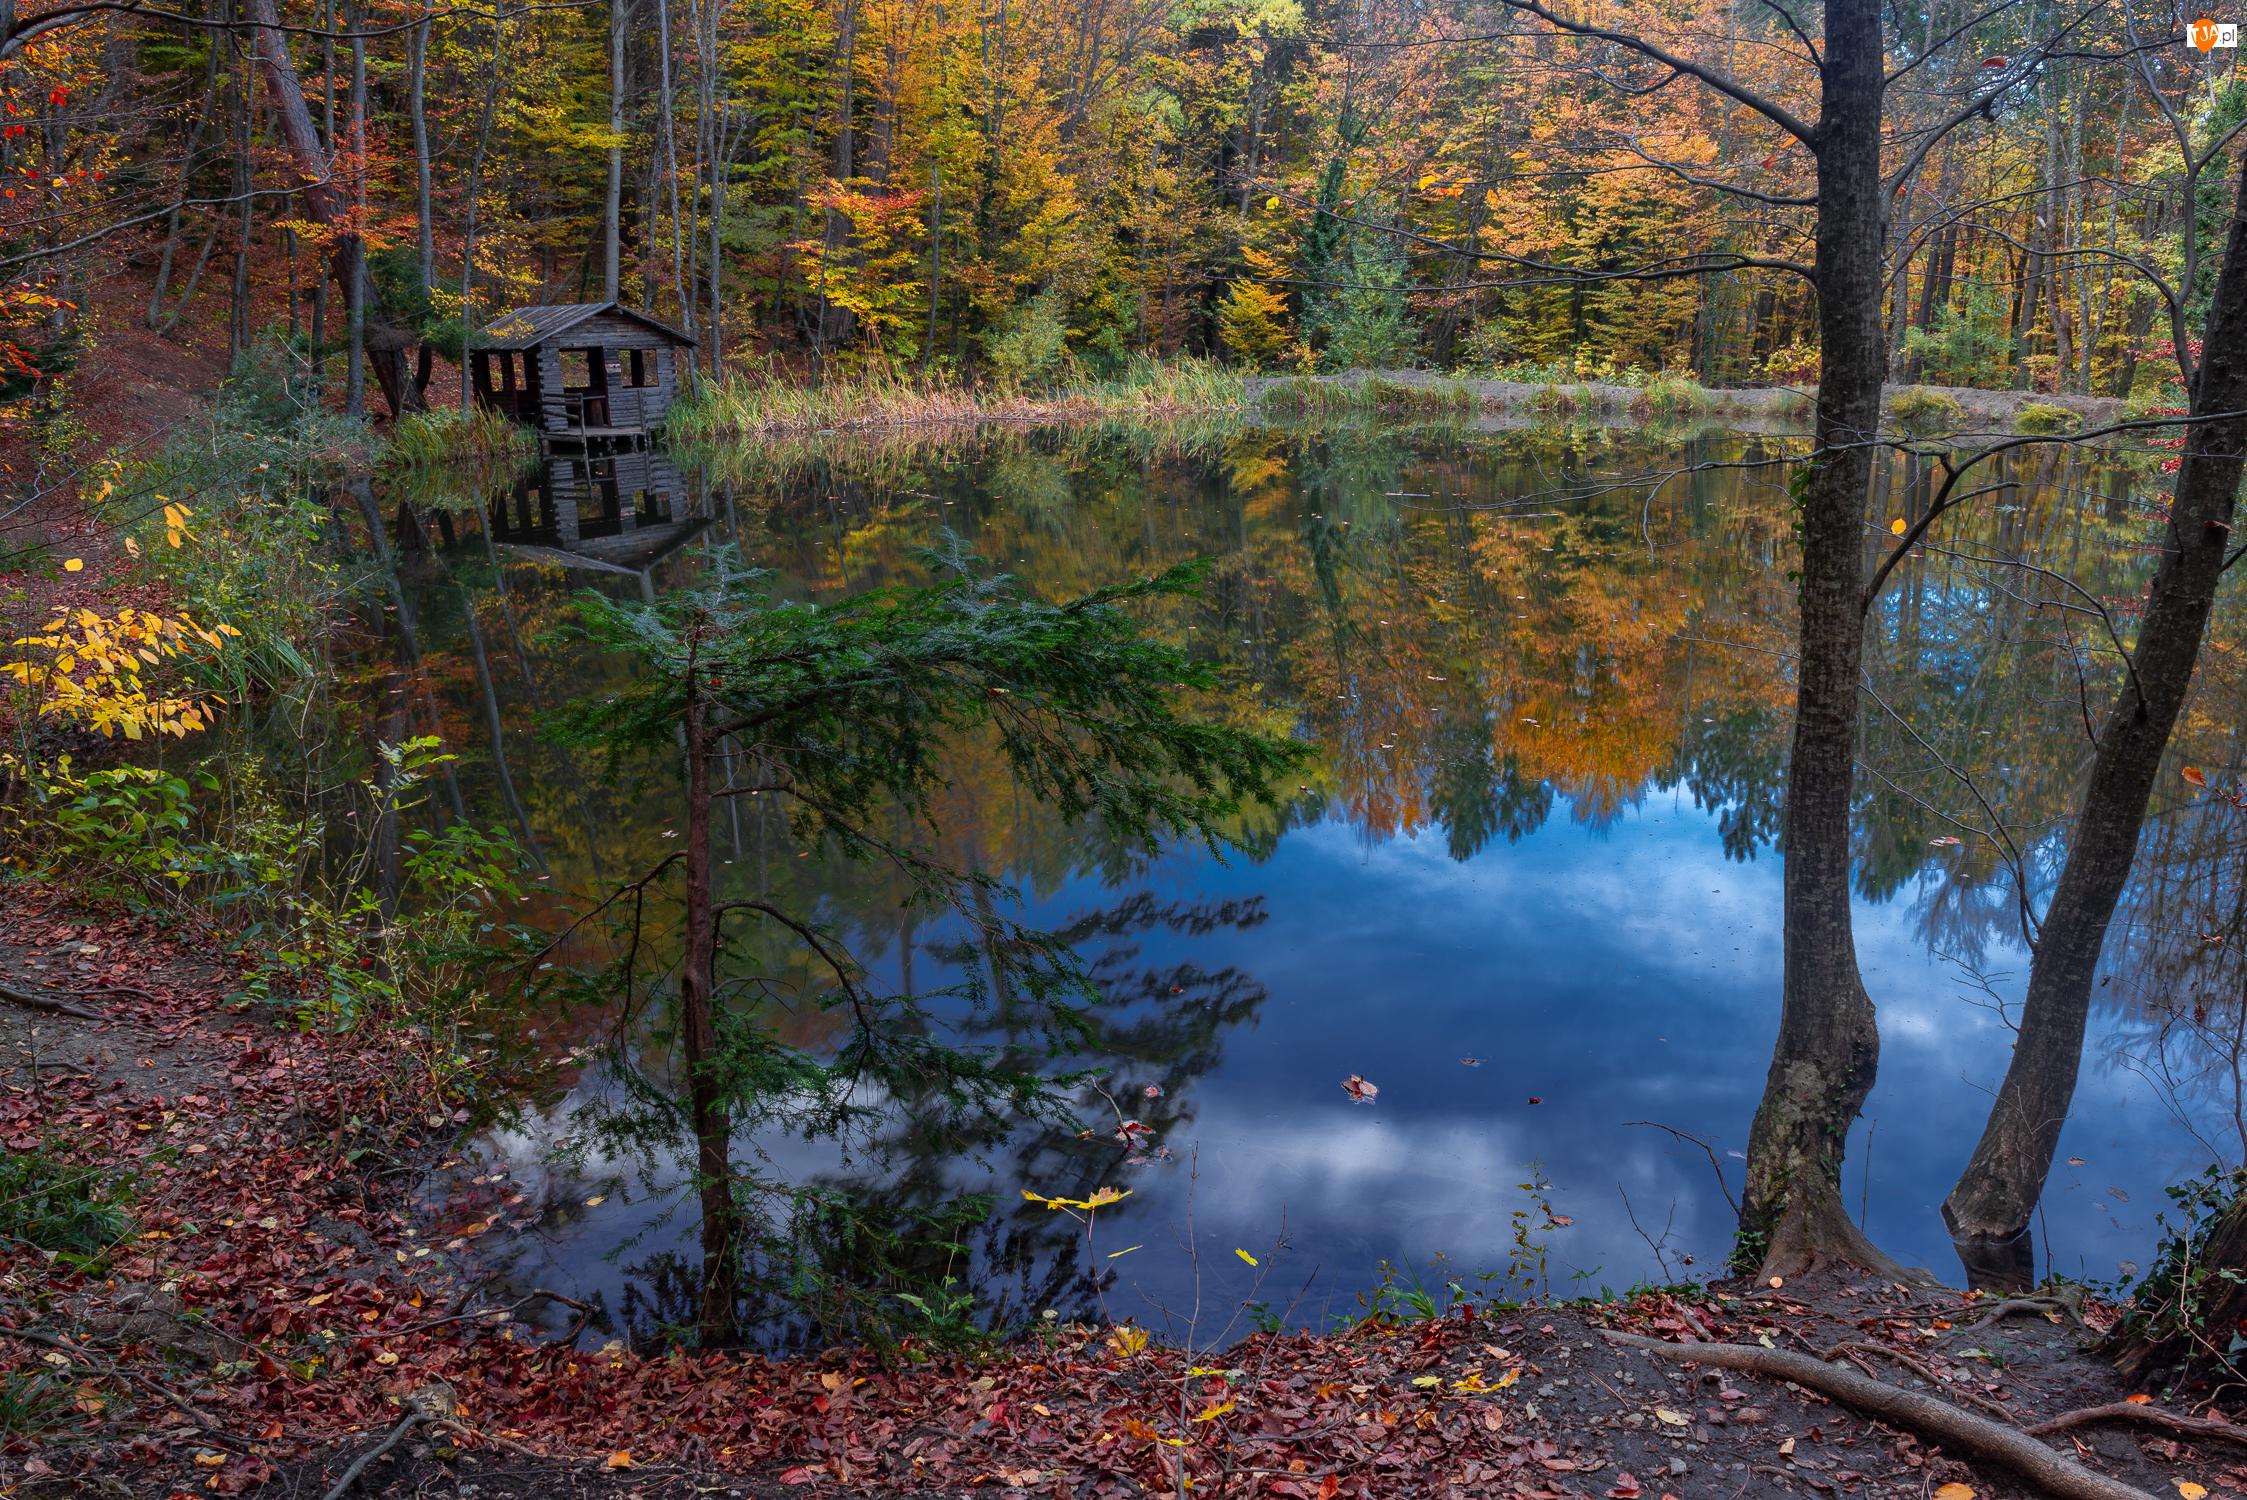 Jezioro, Jesień, Drzewa, Las, Altanka